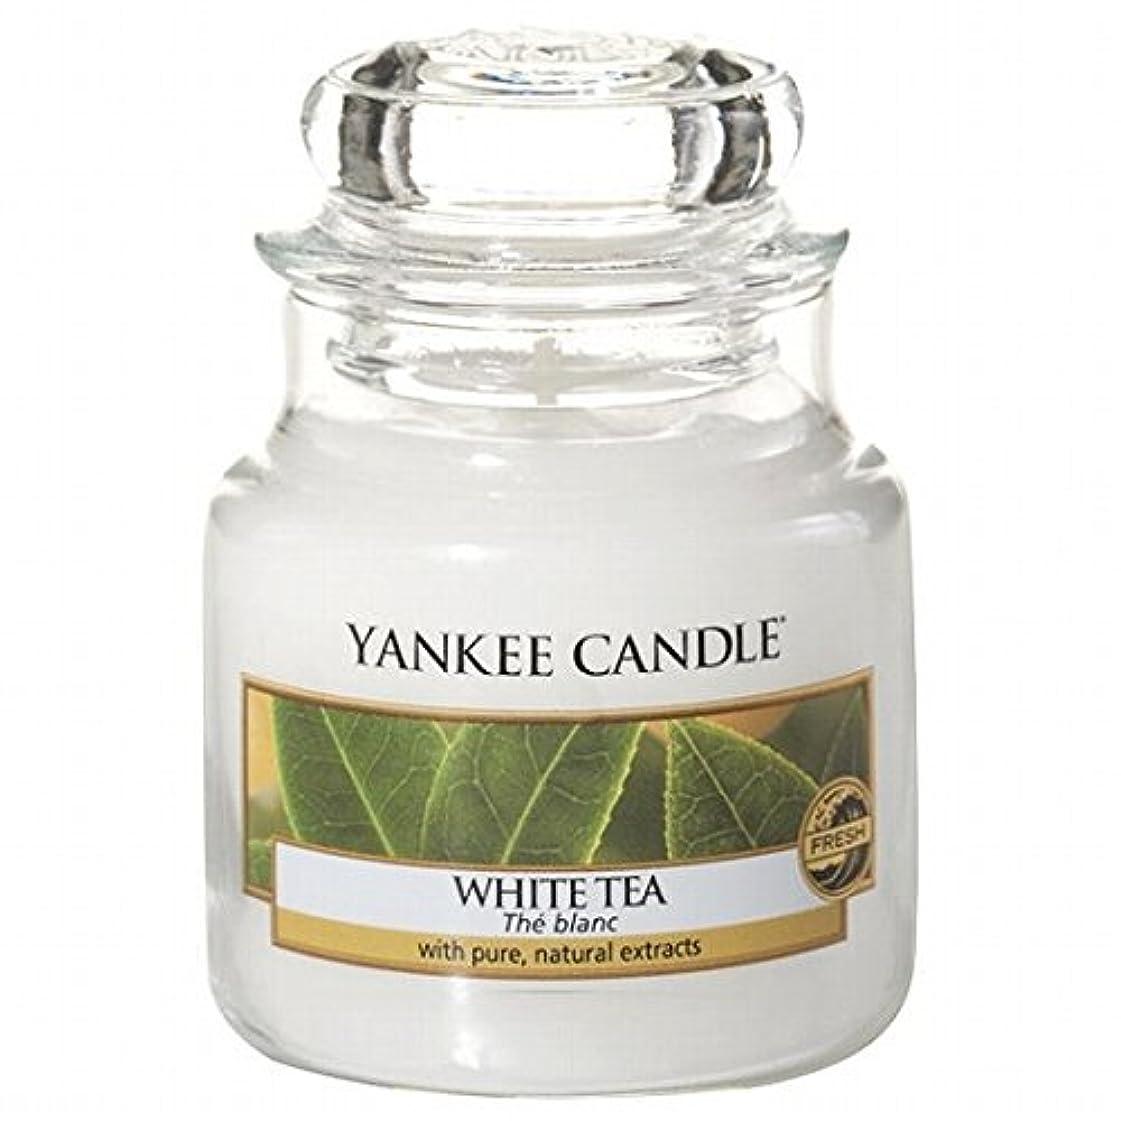 ヒント本物粒YANKEE CANDLE(ヤンキーキャンドル) YANKEE CANDLE ジャーS 「ホワイトティー」(K00305277)